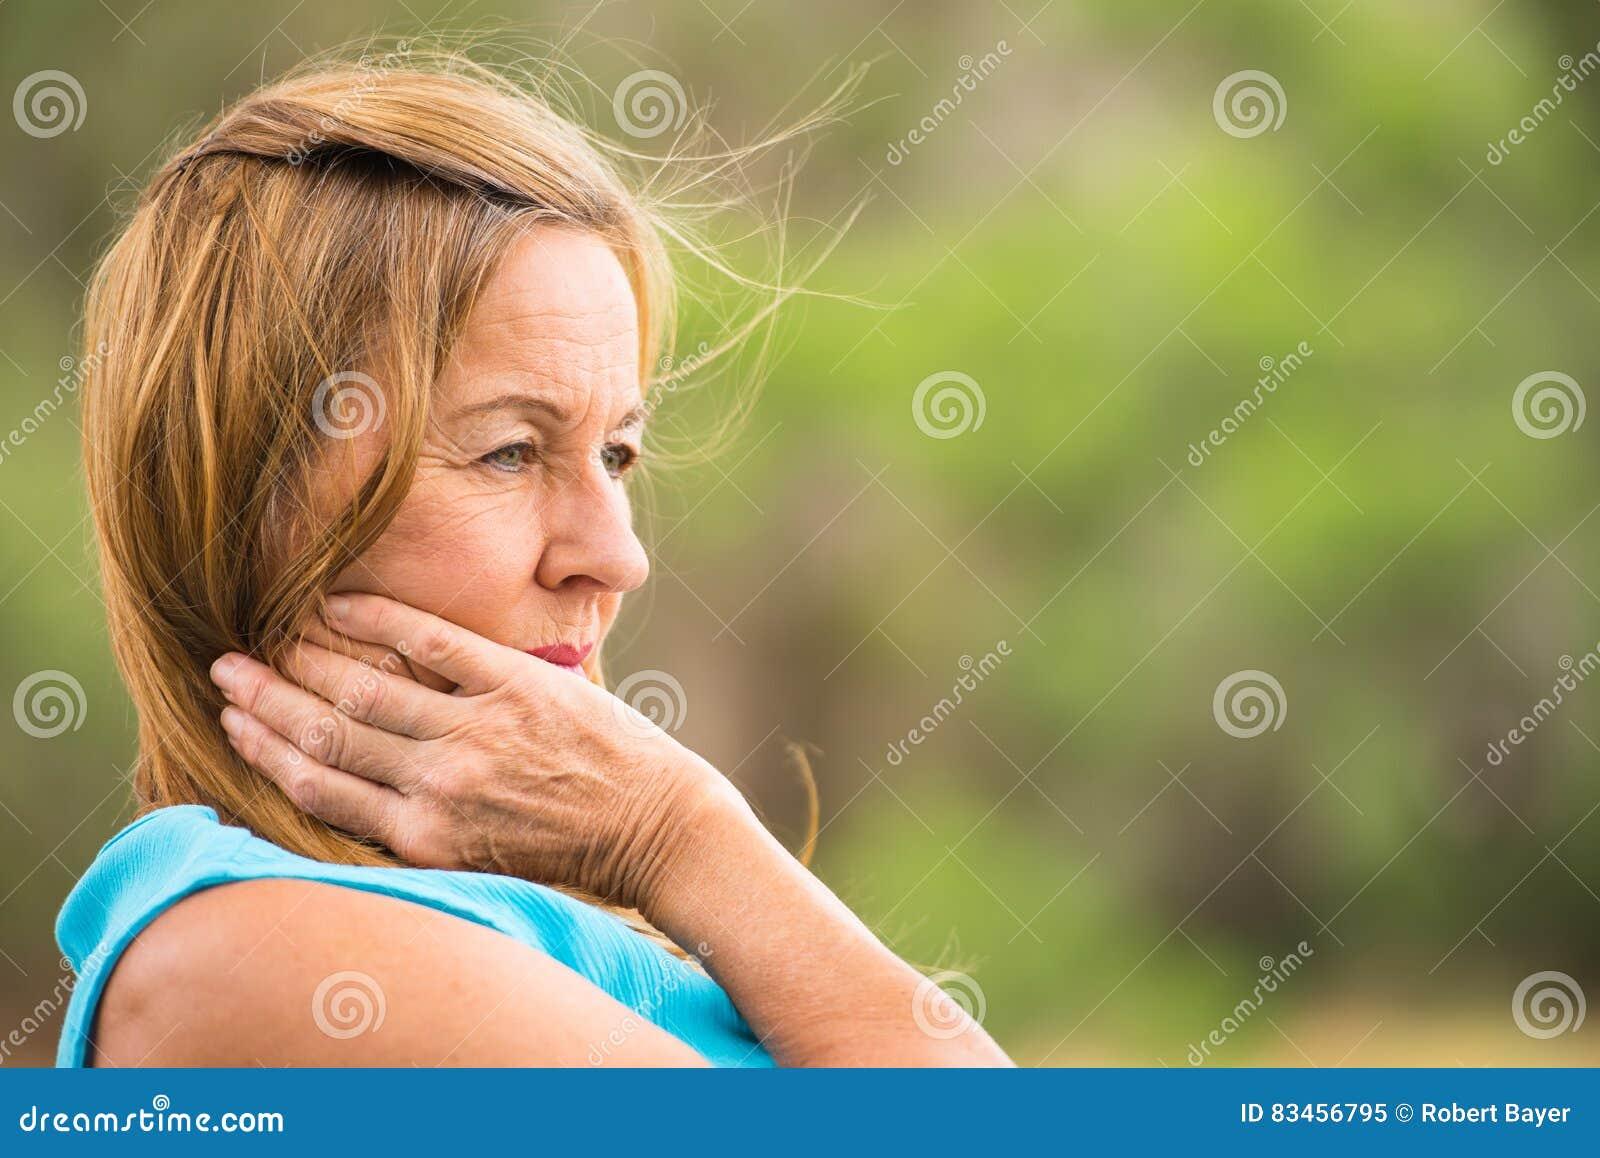 Заботливые зрелые женщины, классная сочная телка трахается по полной программе видео